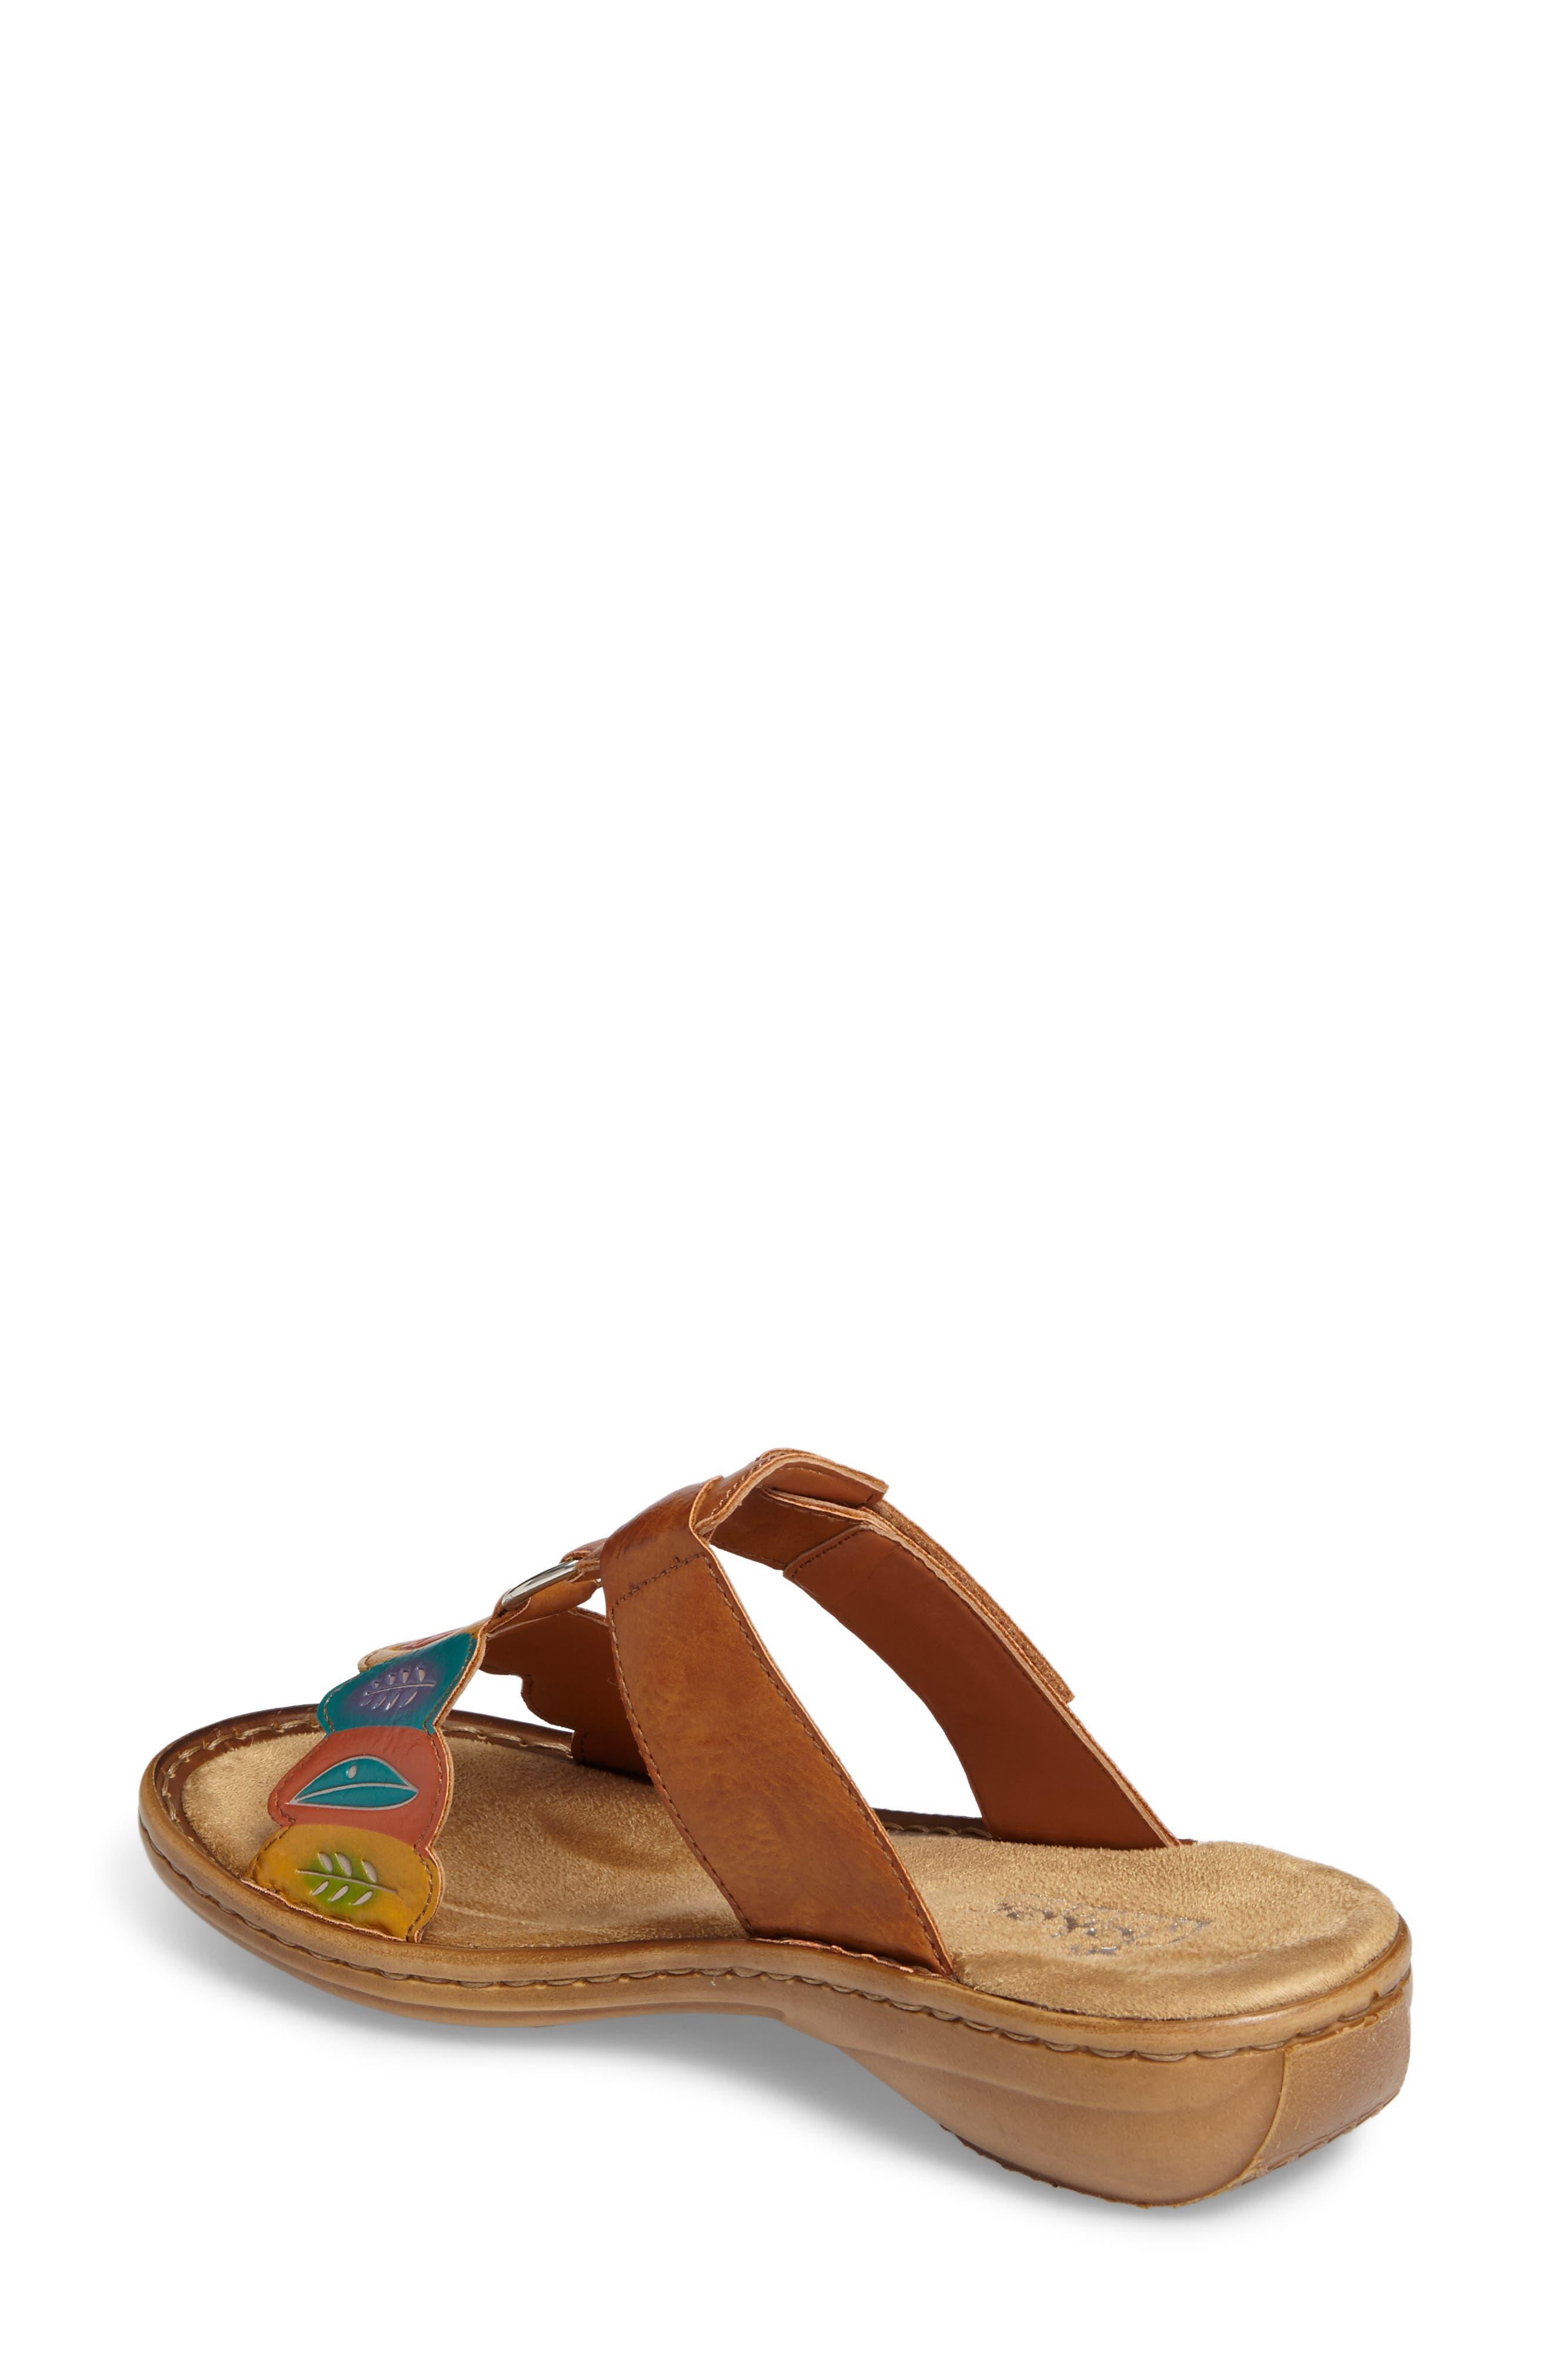 Regina R4 Slide Sandal,                             Alternate thumbnail 2, color,                             219